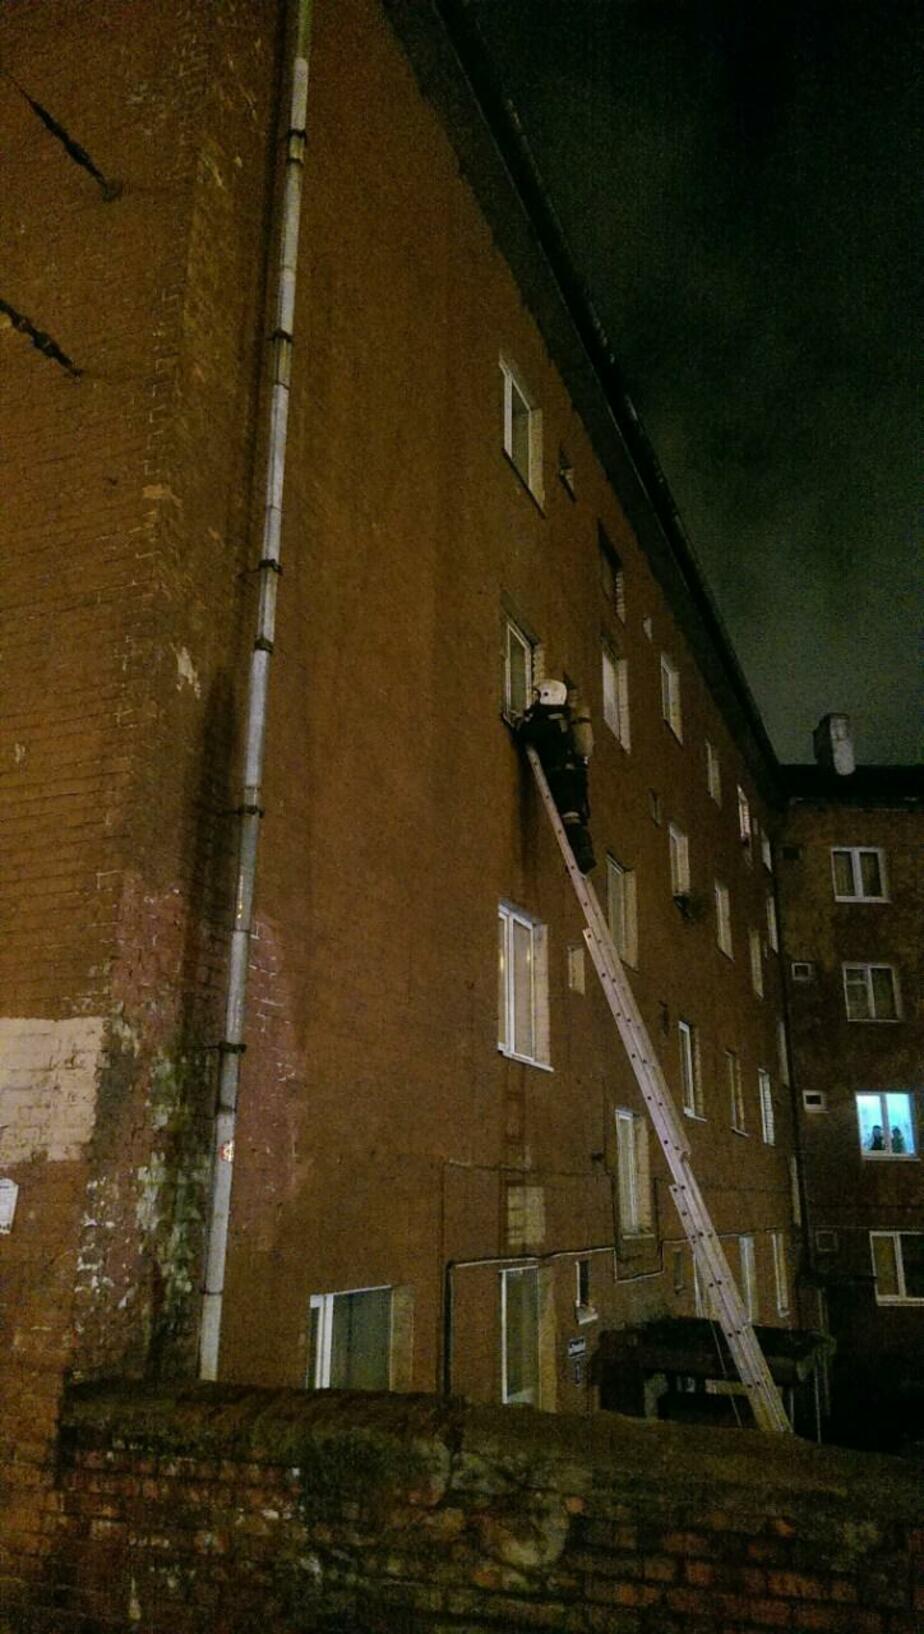 Полиция: жертвы пожара в Трамвайном переулке курили в постели - Новости Калининграда